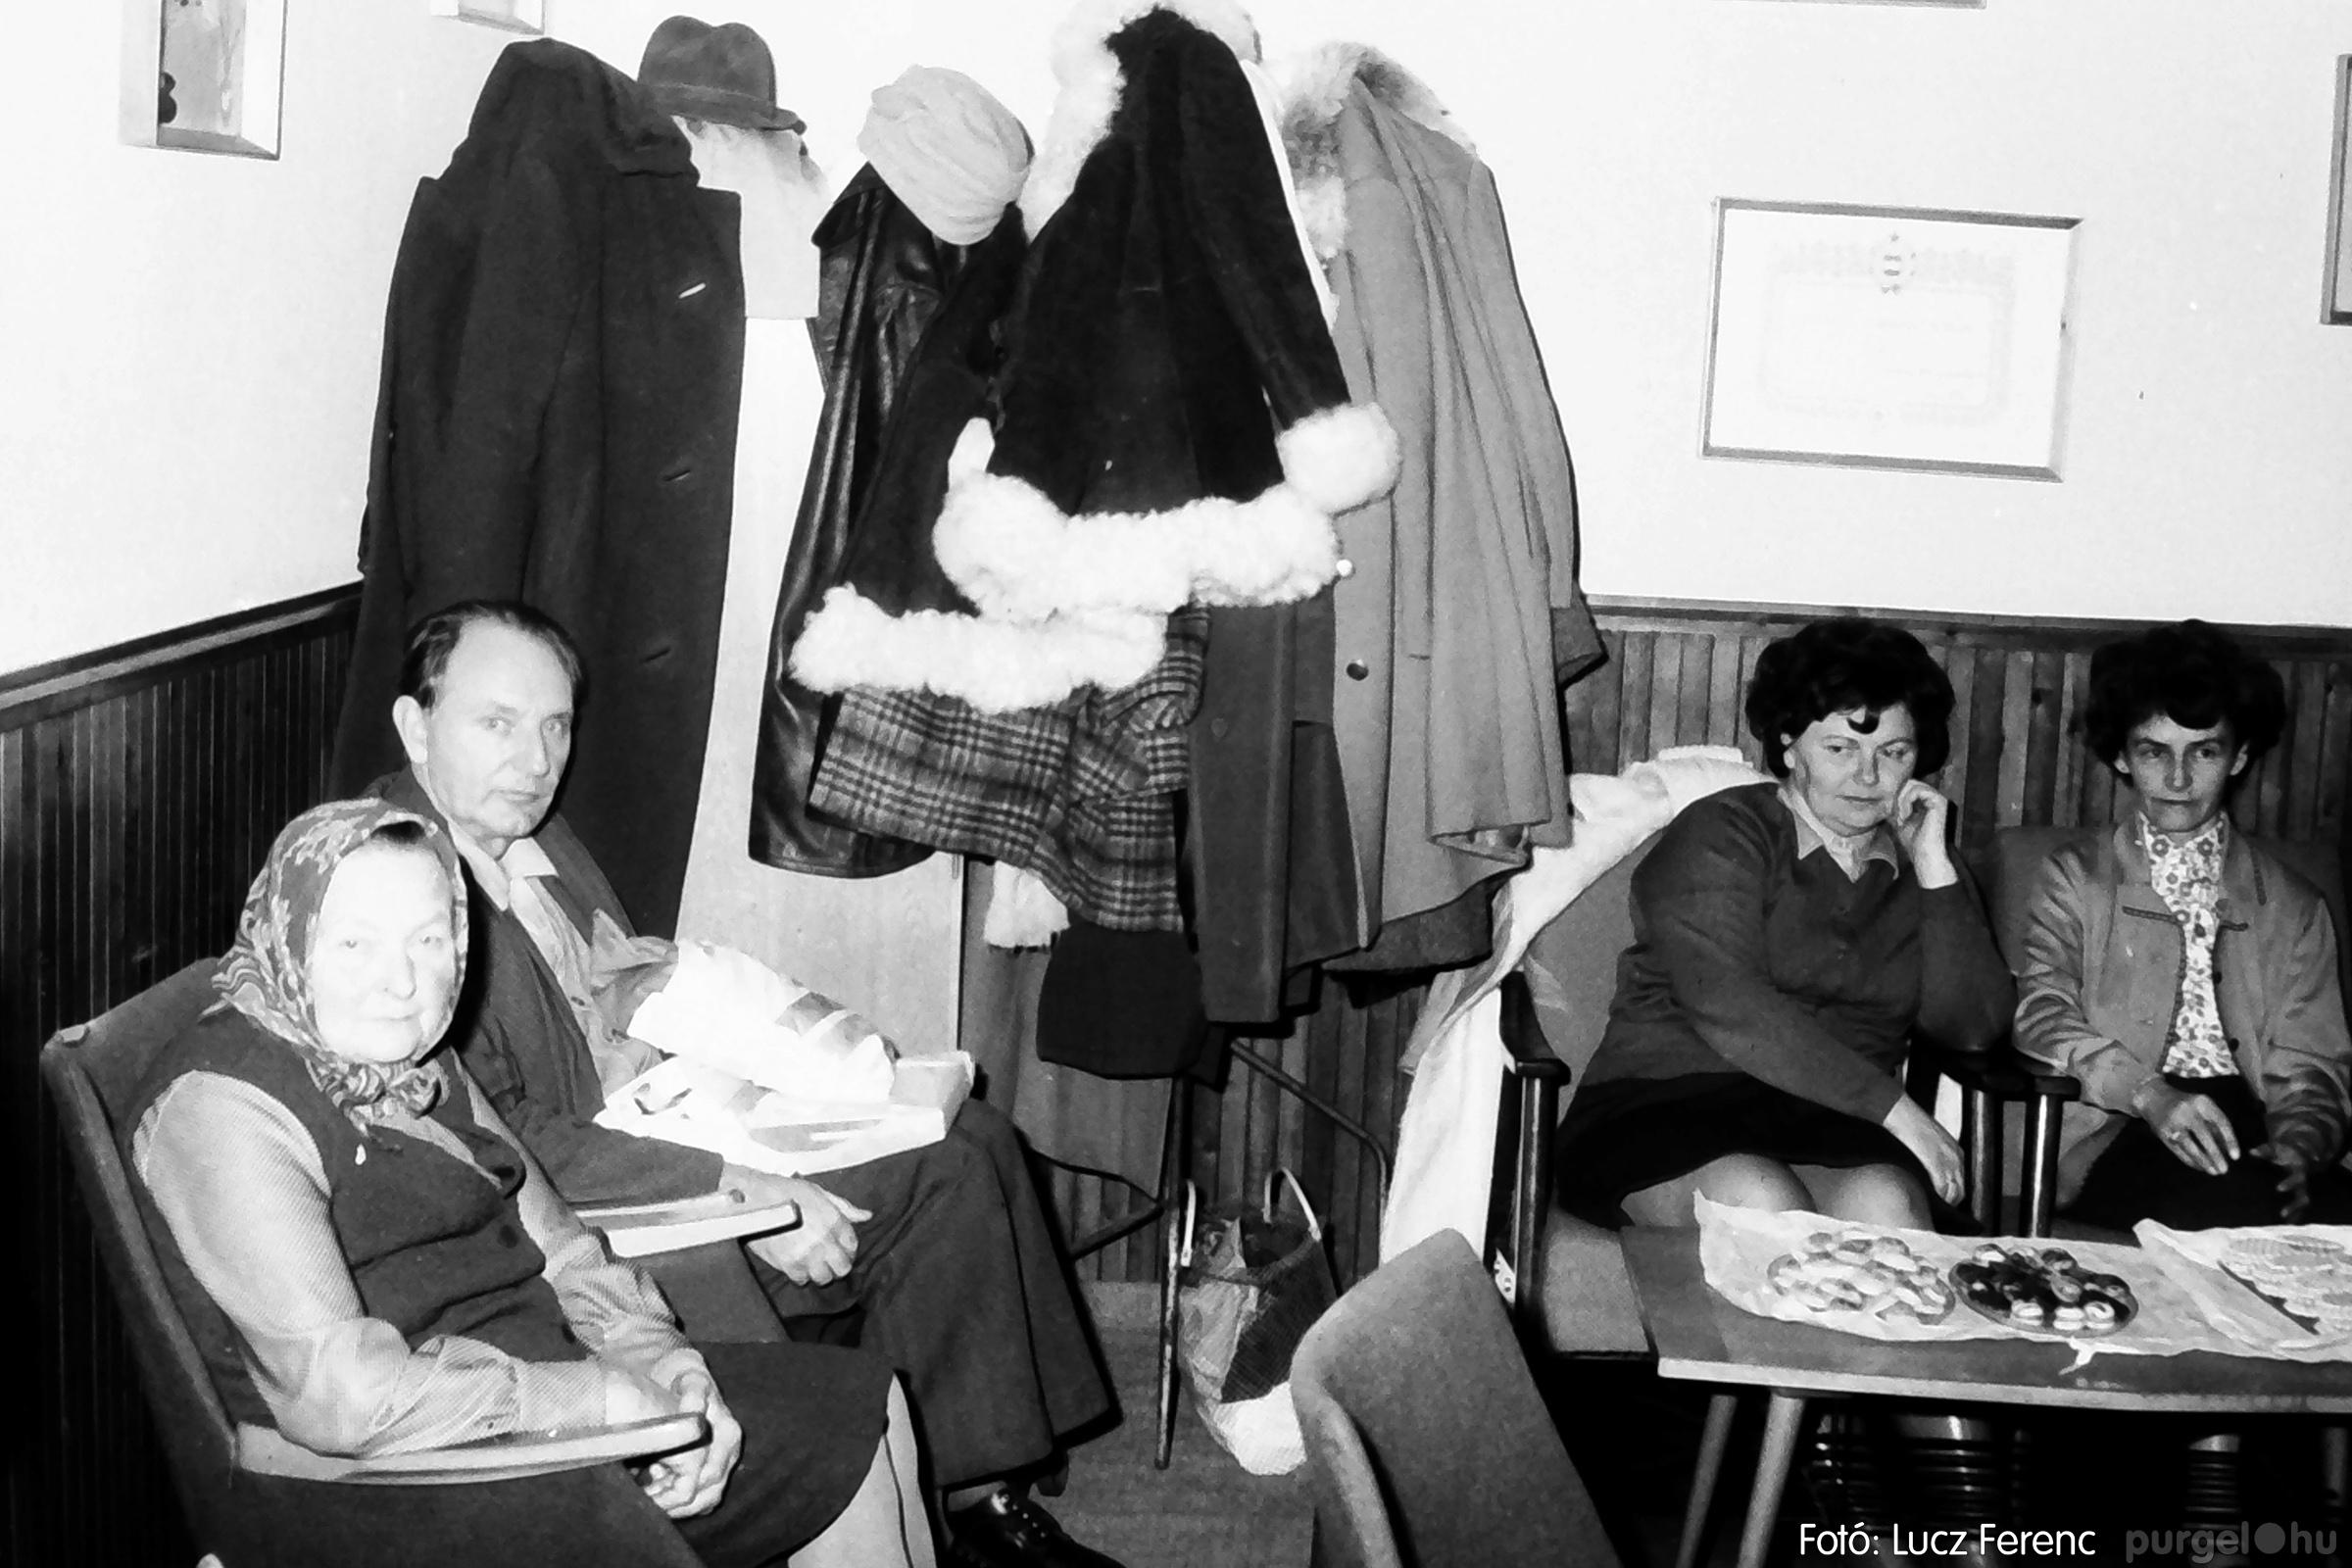 096. 1977. Karácsonyi összejövetel a kultúrházban 005. - Fotó: Lucz Ferenc.jpg